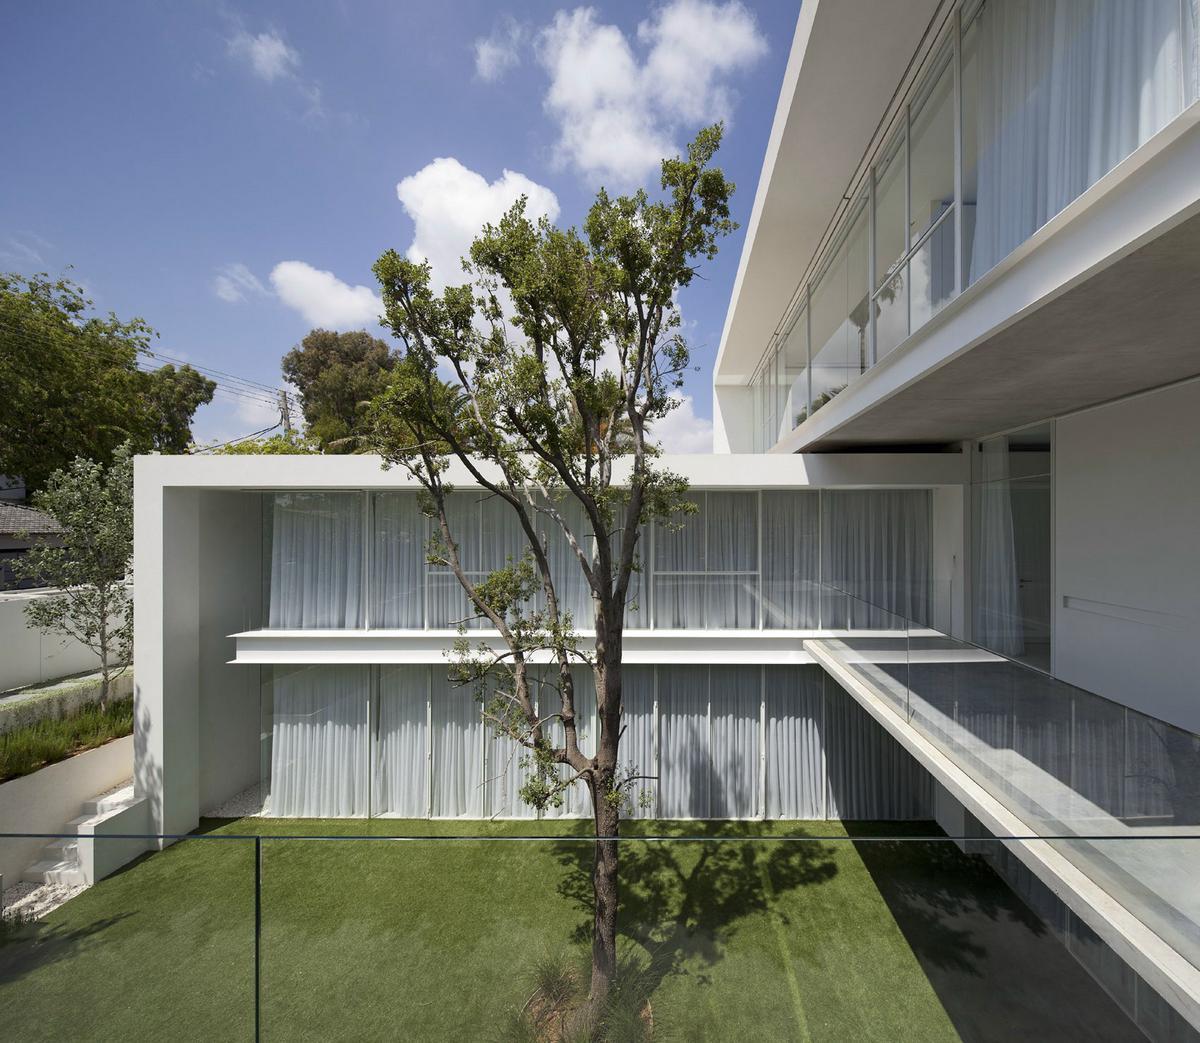 Pitsou kedem architect дома в израиле особняк в